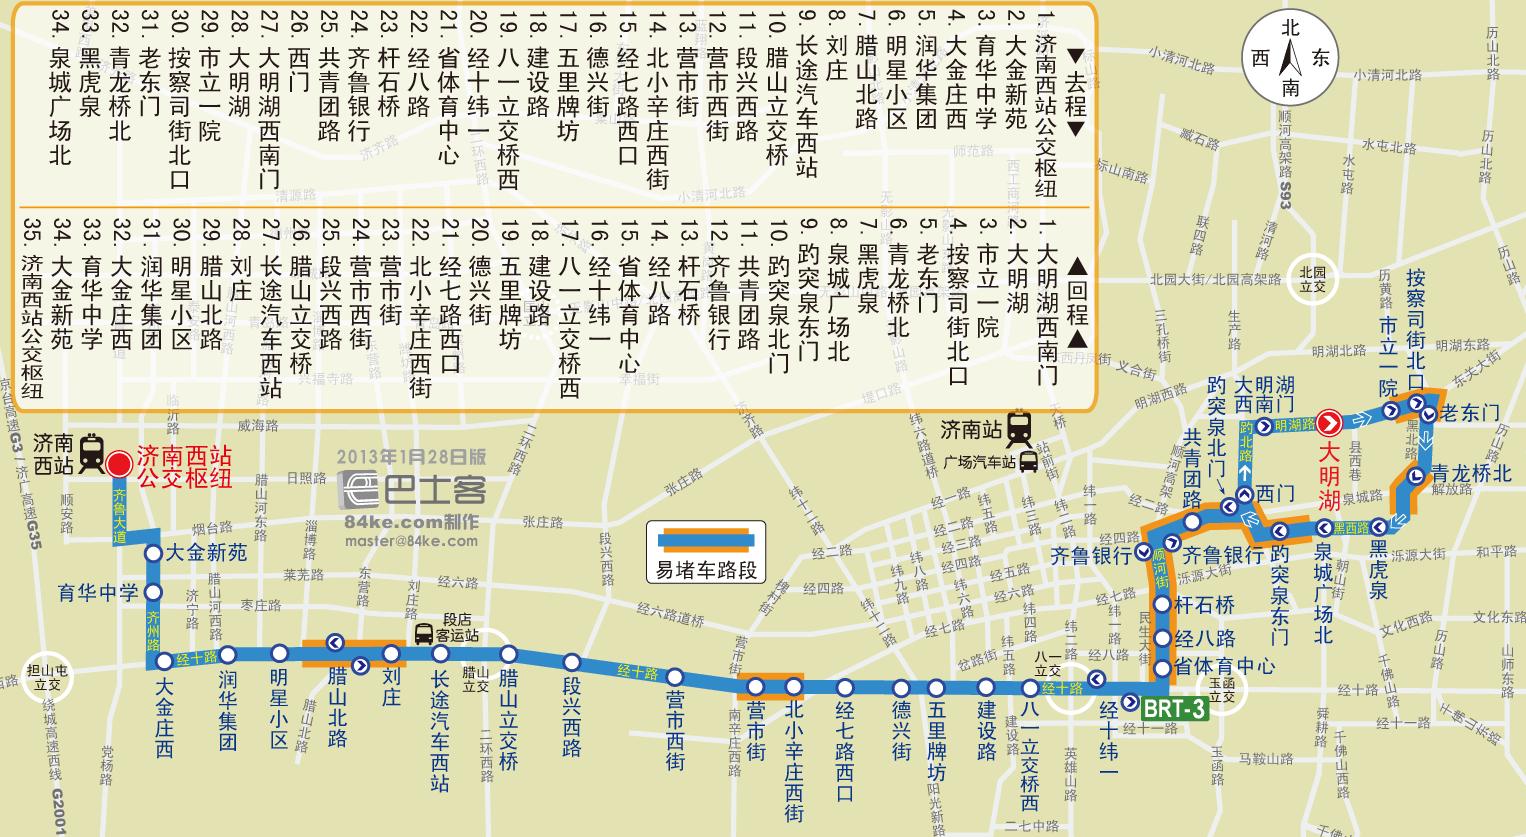 我在济南趵突泉东门到里可以做20路公交车